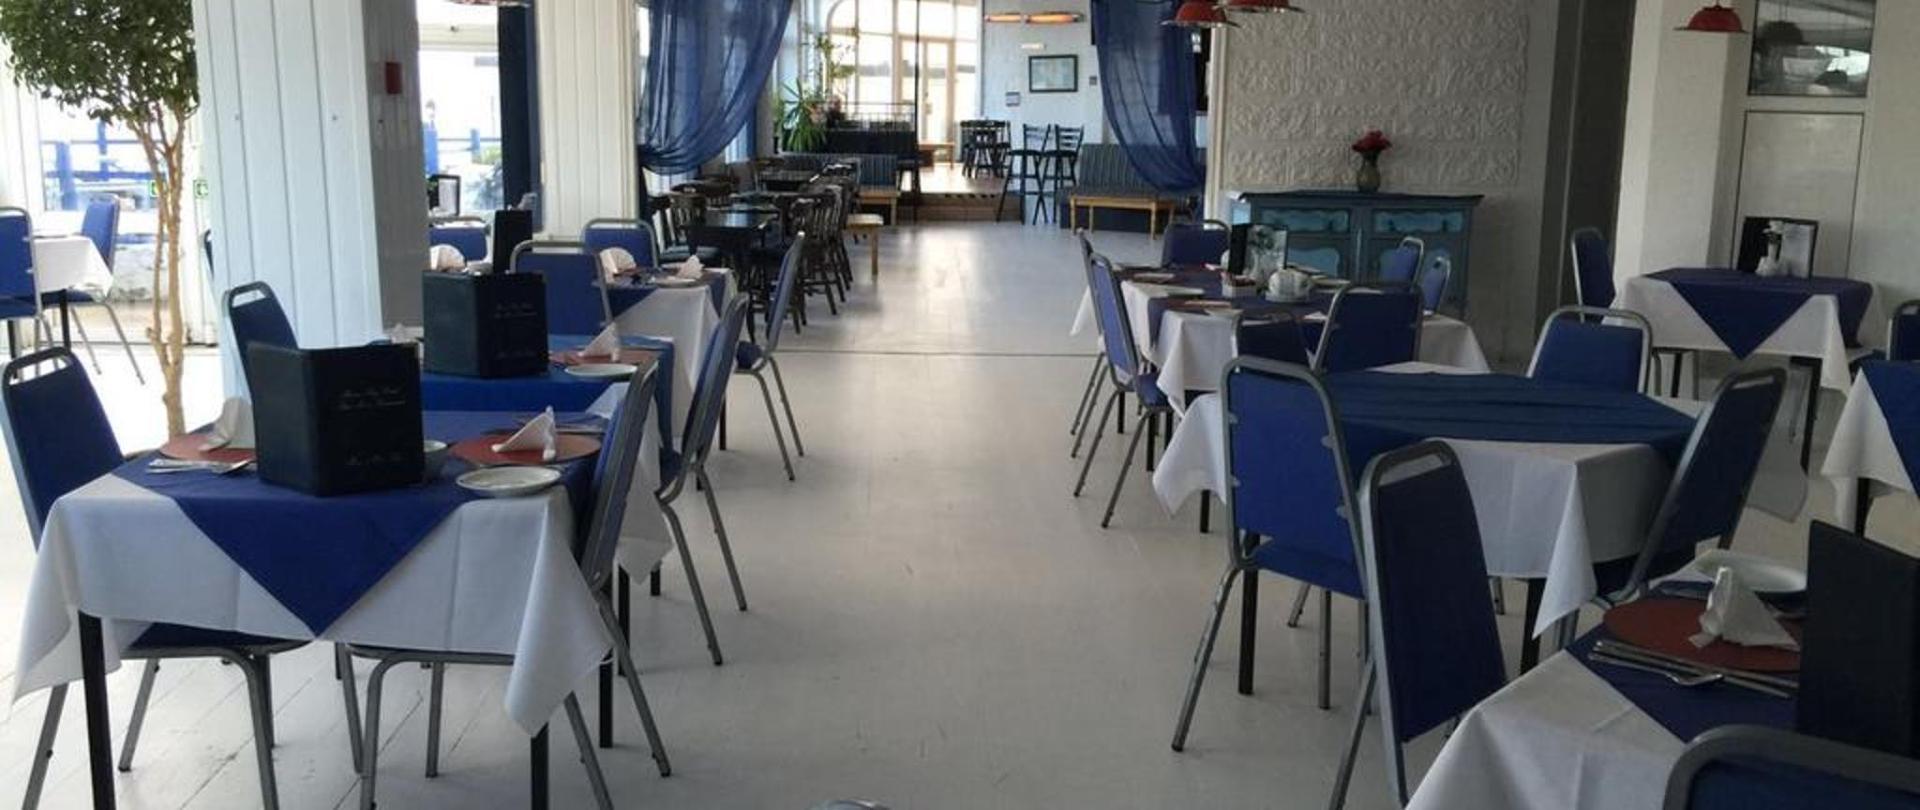 dining3.jpg